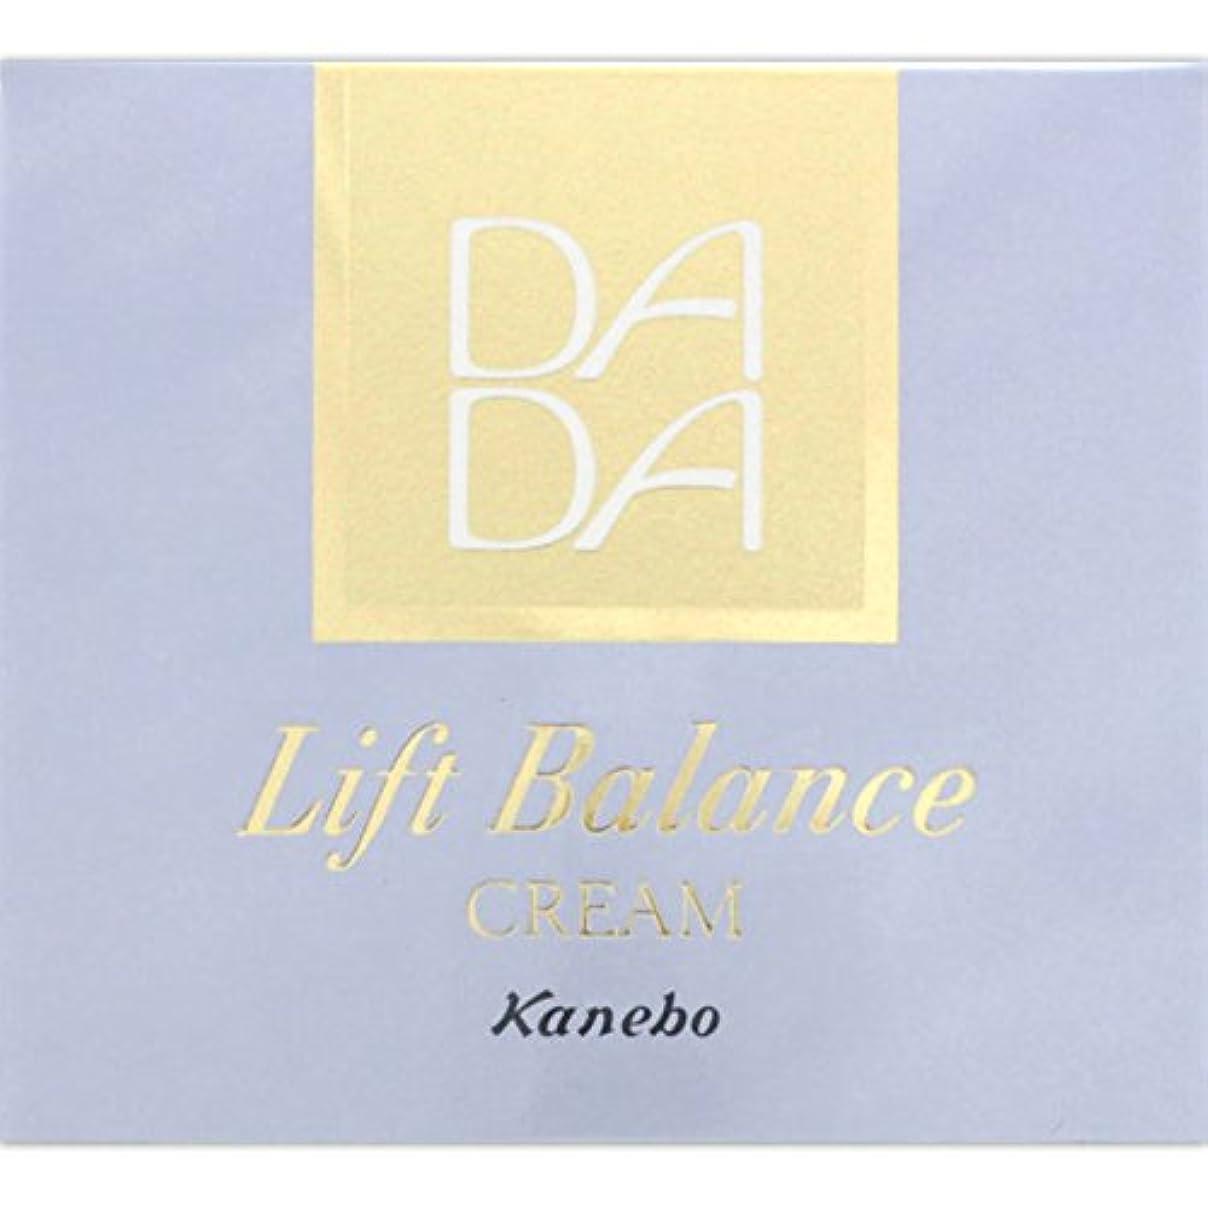 銀記述する氏【カネボウ】 DADA(ダダ) B15リフトバランスクリーム 30g(医薬部外品)